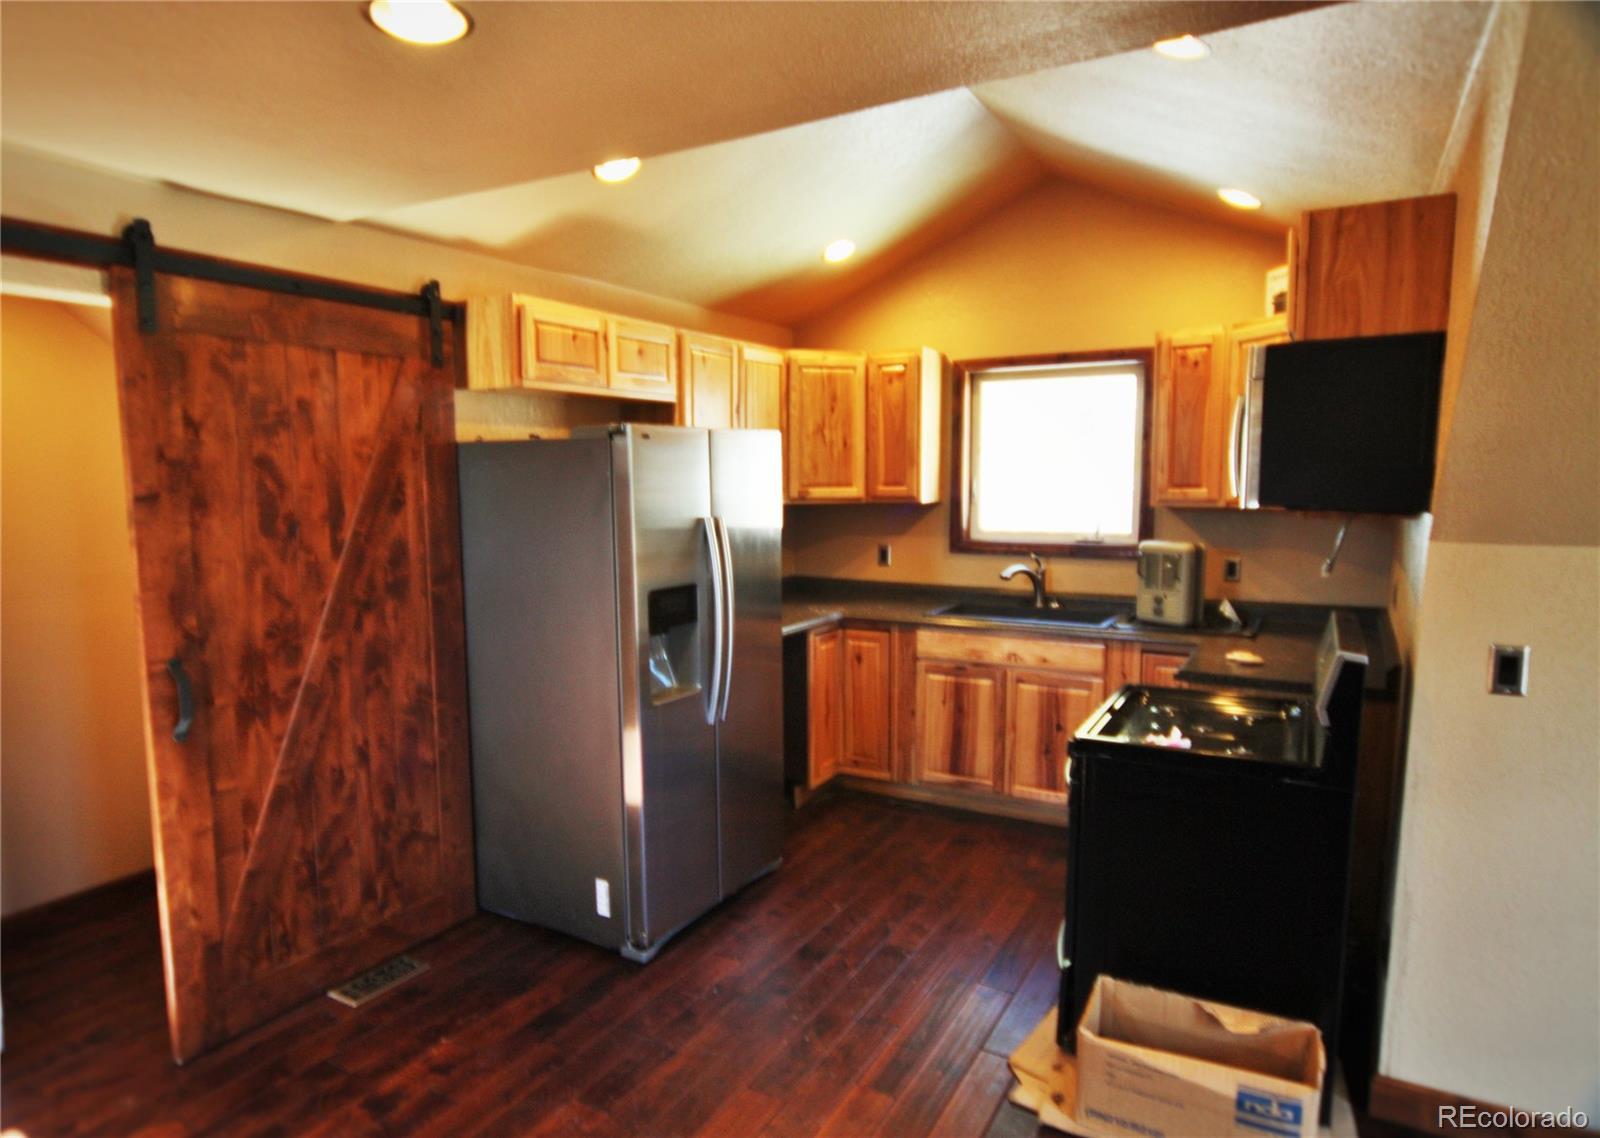 MLS# 5313125 - 32 - 11911 Antler Trail, Littleton, CO 80127